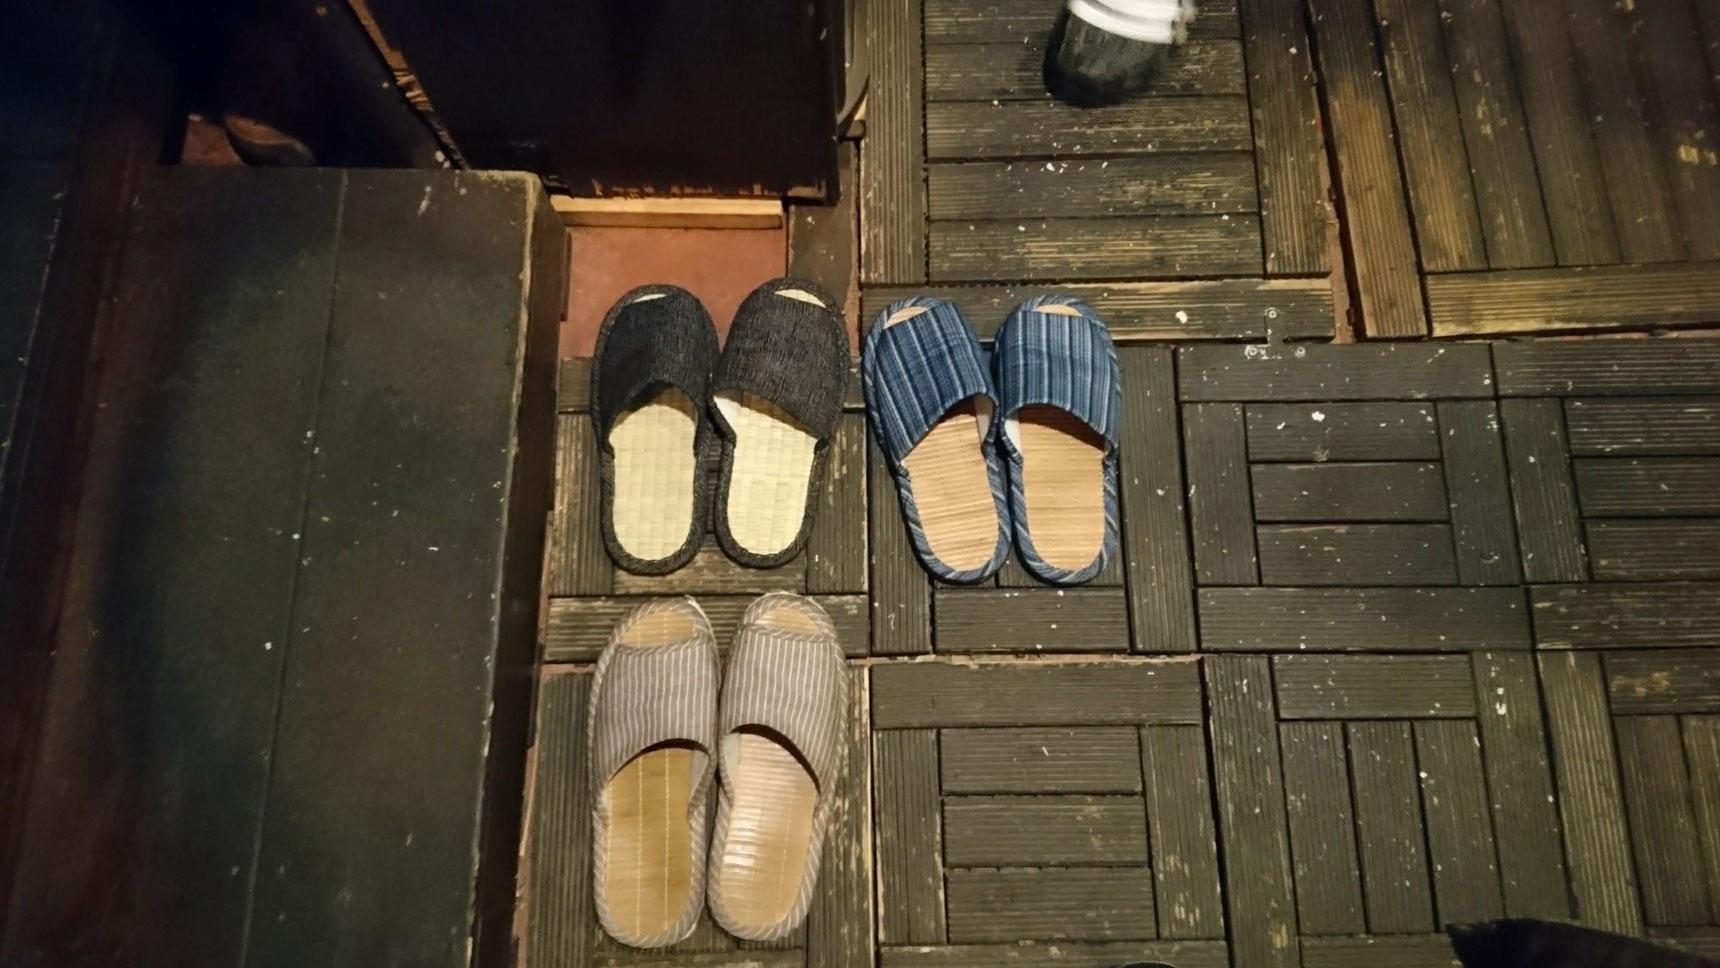 和風インテリアの店内は、靴を脱いで上がるスタイル。